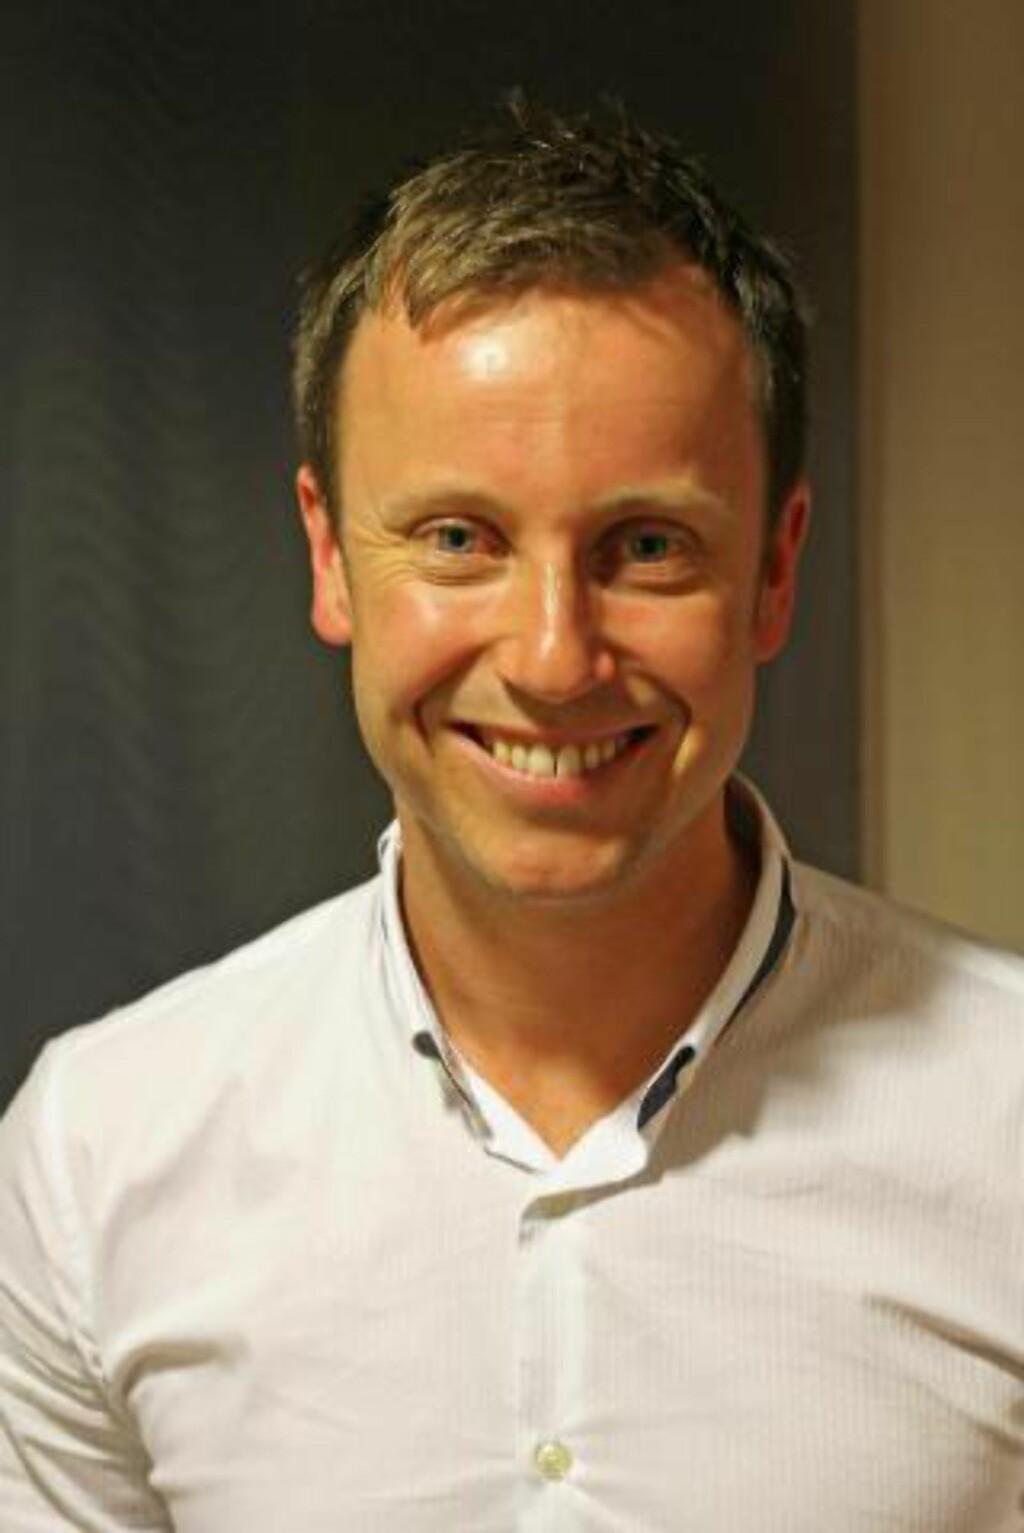 - DET ER JO DISKRIMINERING: Gard Realf Sandaker-Nielsen, lederen for Åpen folkekirke, kaller behandlingen av Rune Hauan for diskriminering. Foto: Åpen folkekirke